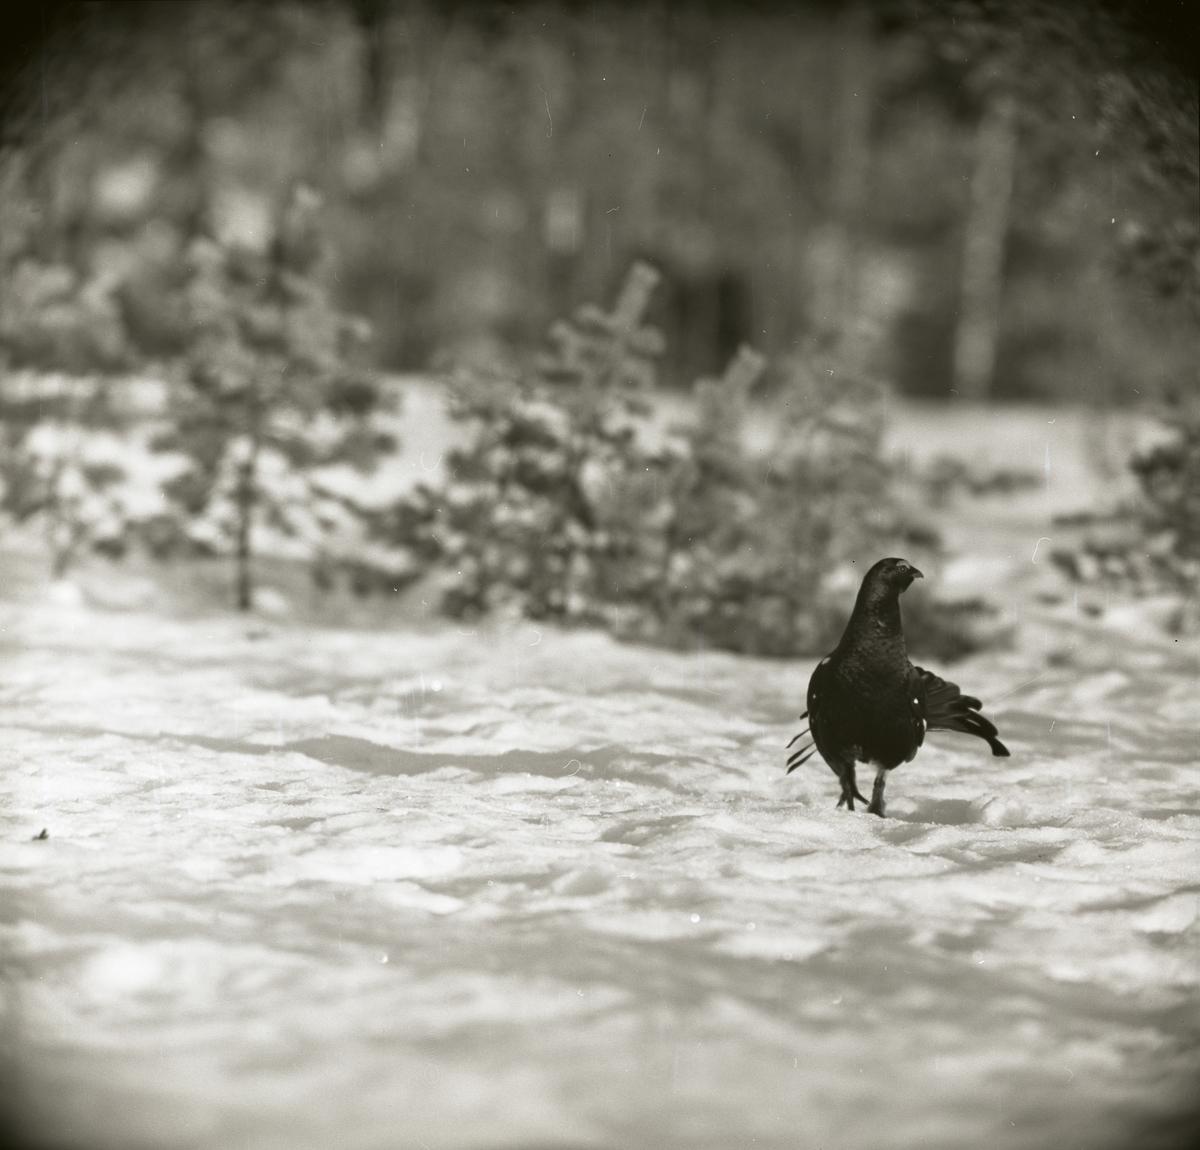 En orre går på snön ute i skogen. Solen står lågt och kastar en lång skugga från fågeln.